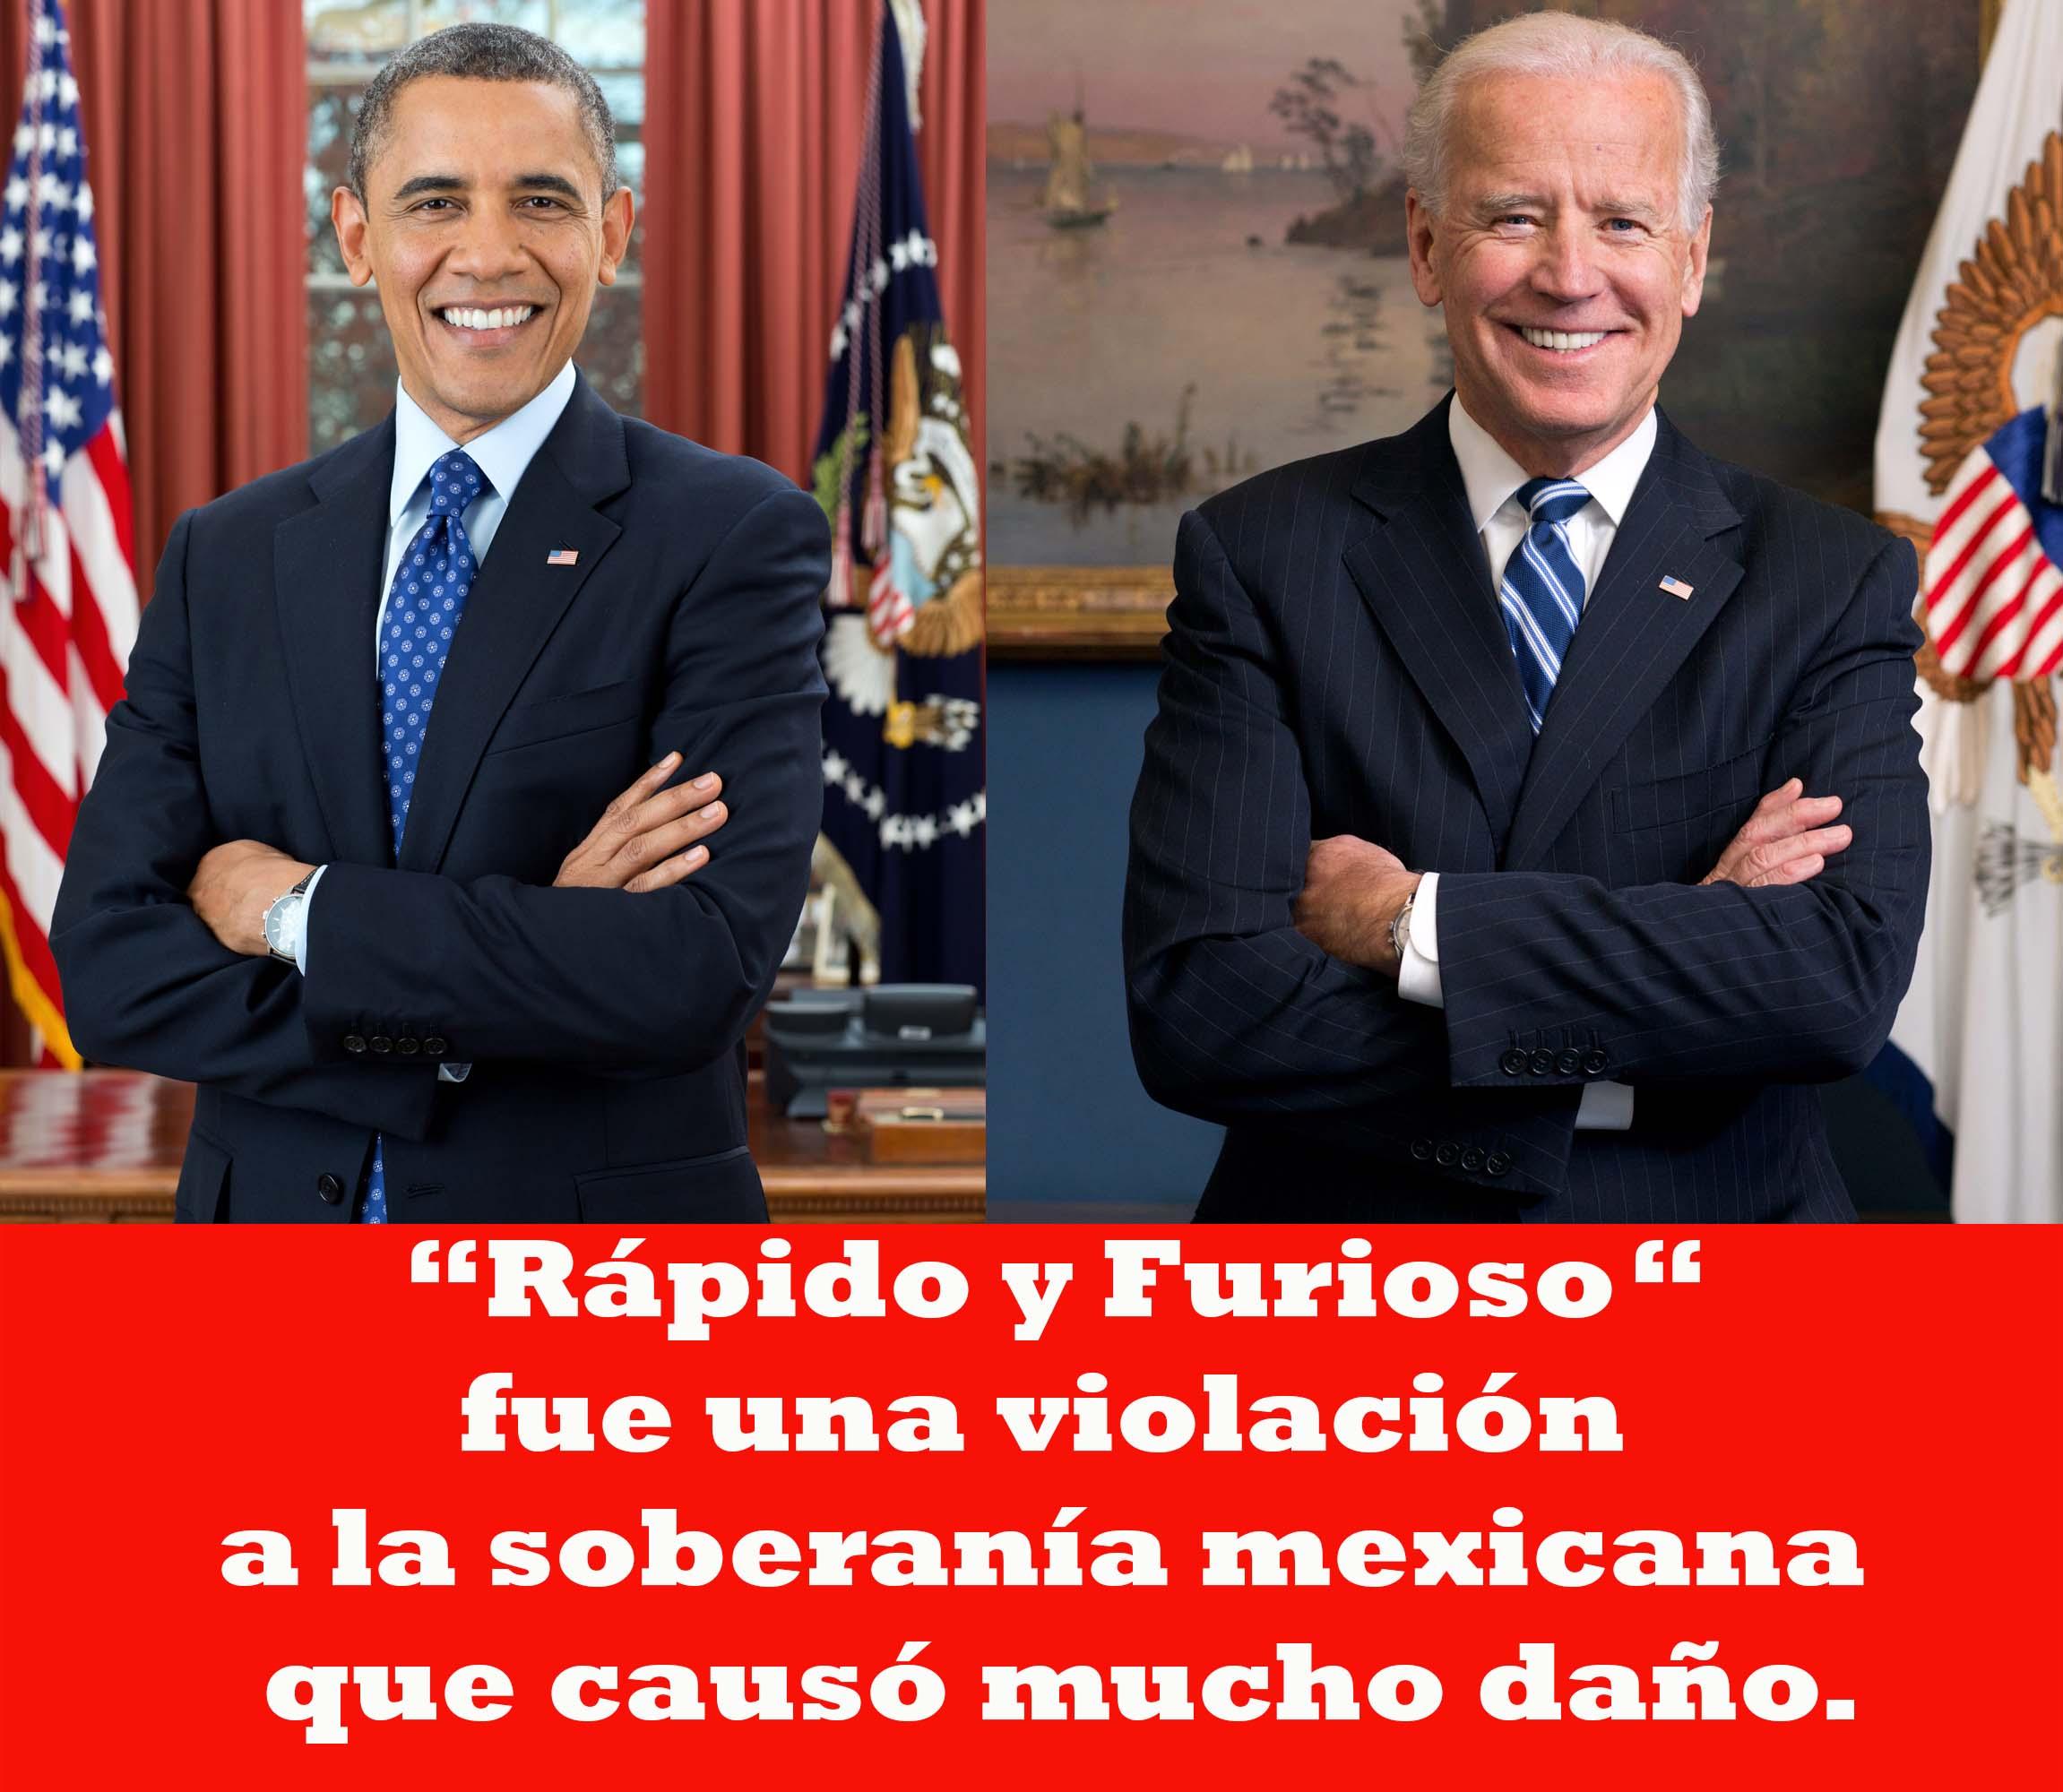 """""""Rápido y Furioso"""" fue una violación a soberanía mexicana que causó mucho daño.  """"Rápido y Furioso"""" fue un operativo del gobierno de Barack Obama y Joe Biden."""